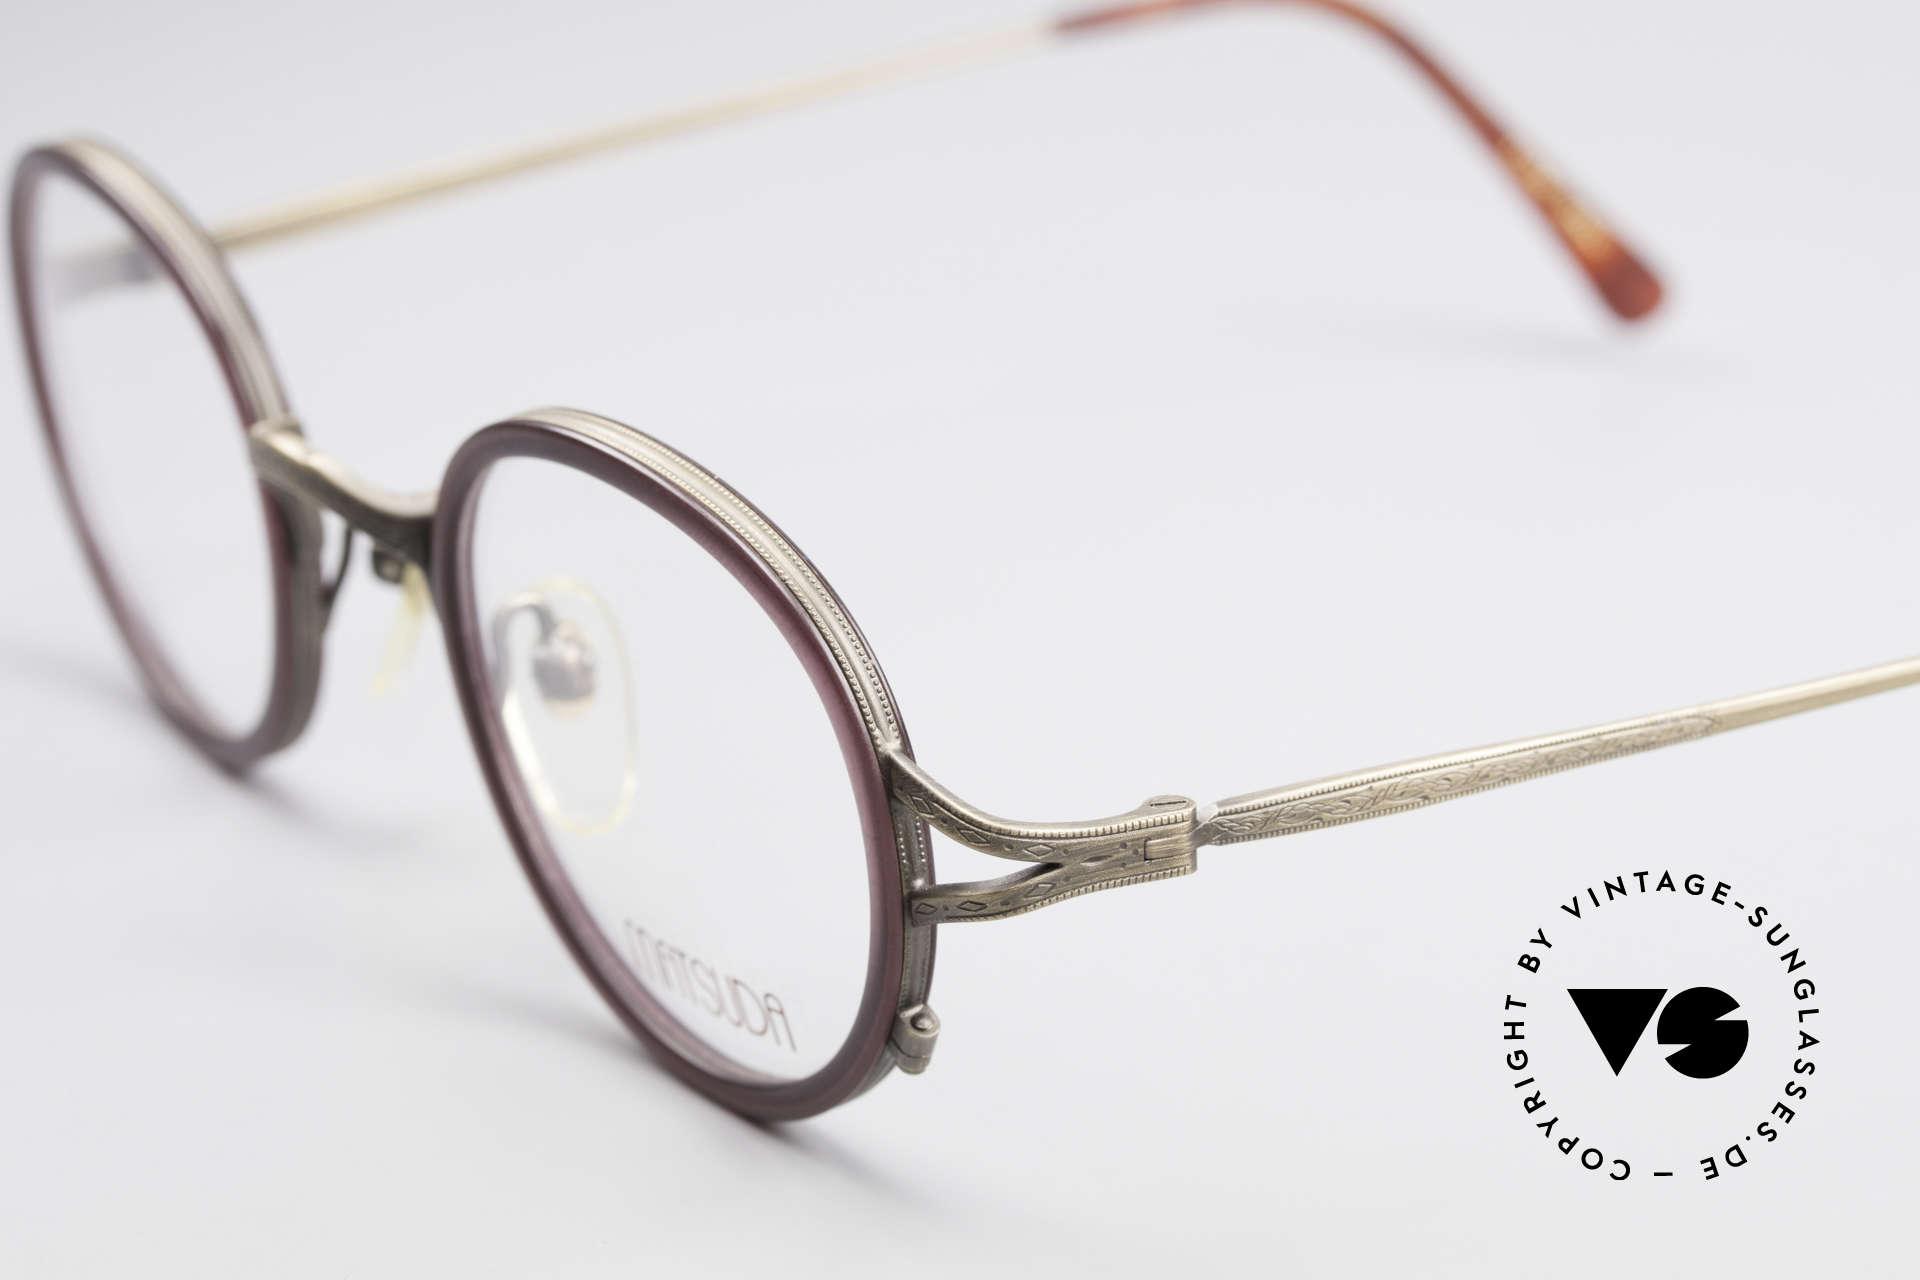 Matsuda 2835 Runde 90er Luxus Brille, komplette vintage Fassung mit sehr viel Liebe zum Detail, Passend für Herren und Damen